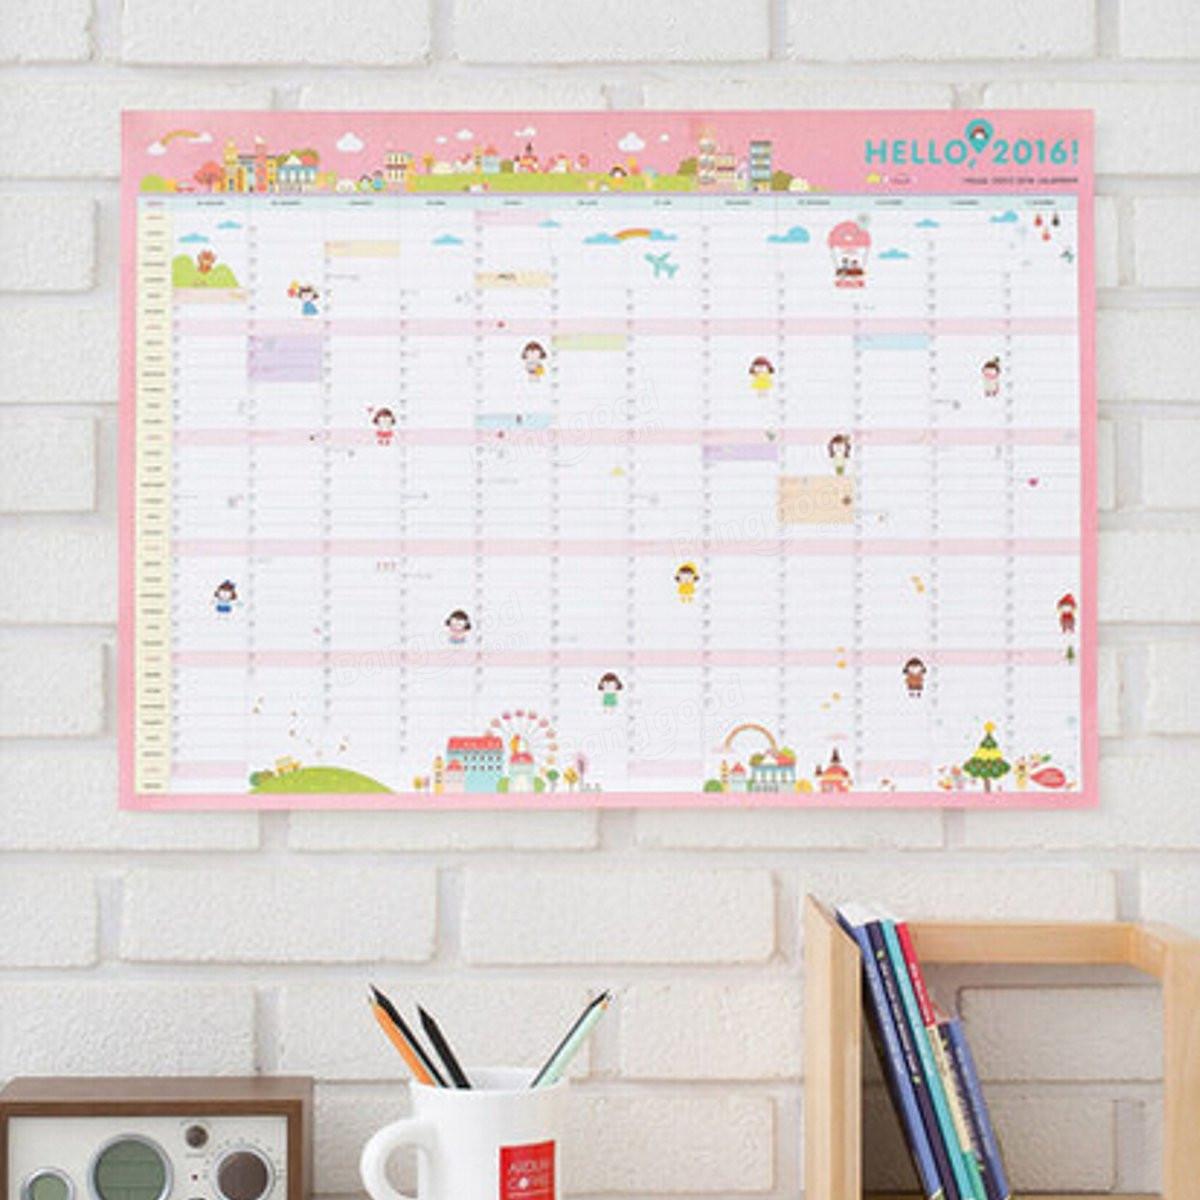 New 2016 Calendar Wall Calendar Monthly Planner Paper